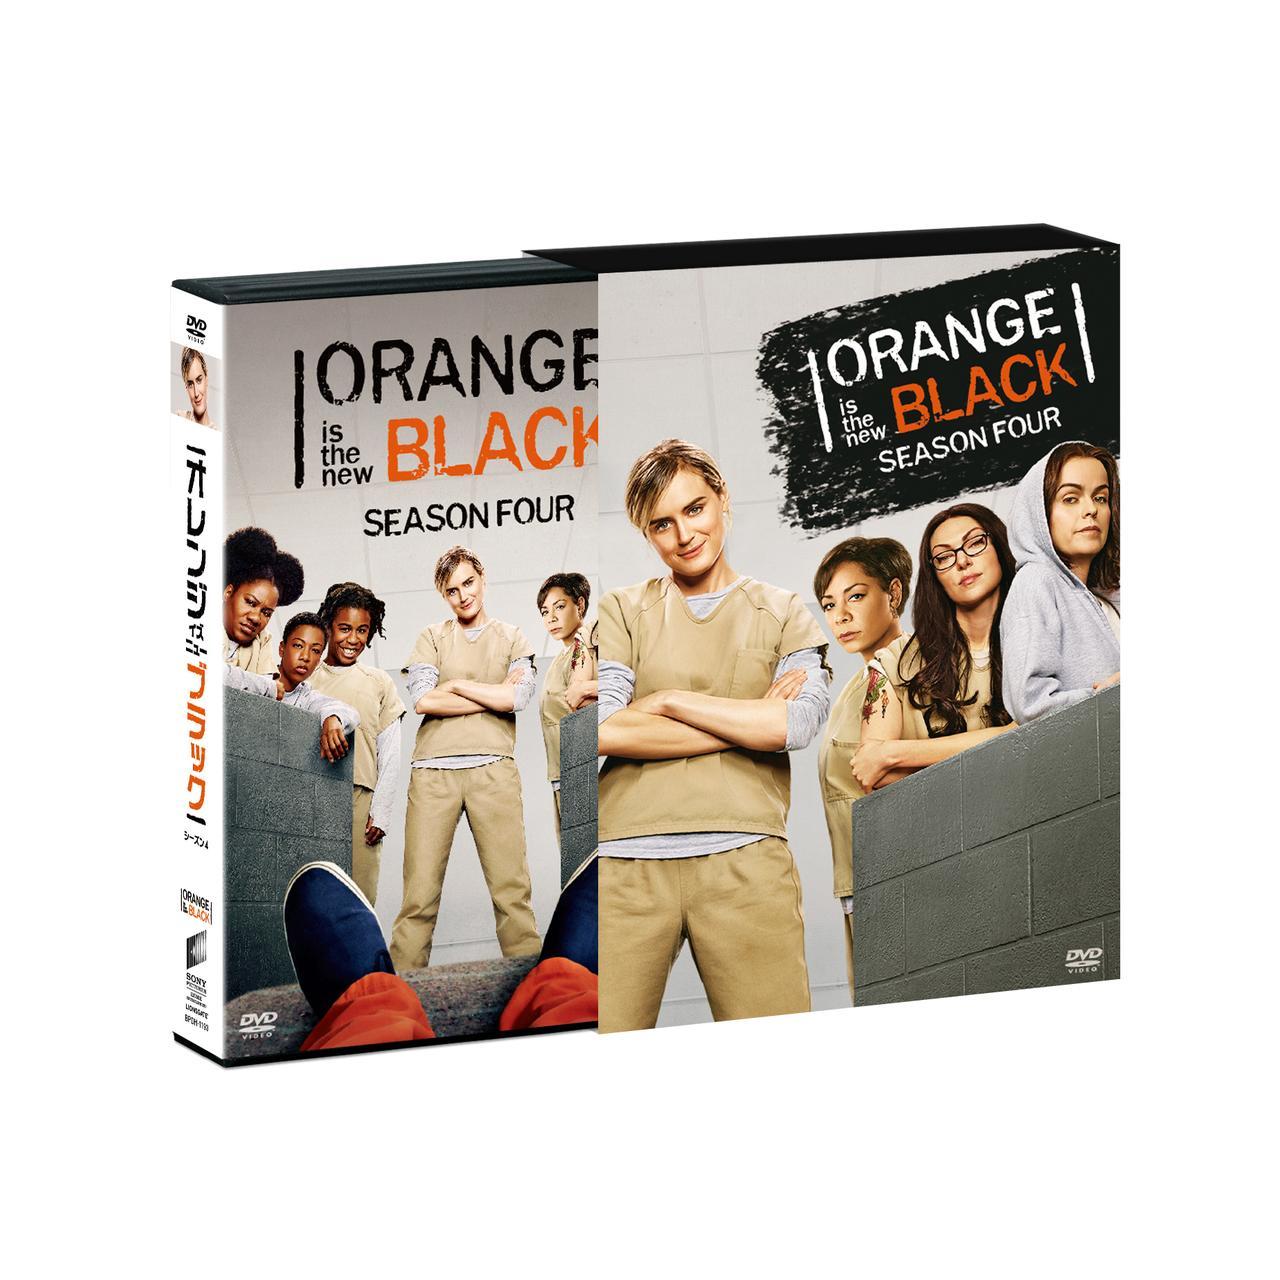 画像4: 「オレンジ・イズ・ニュー・ブラック シーズン 3 & 4」5月2日DVDリリース